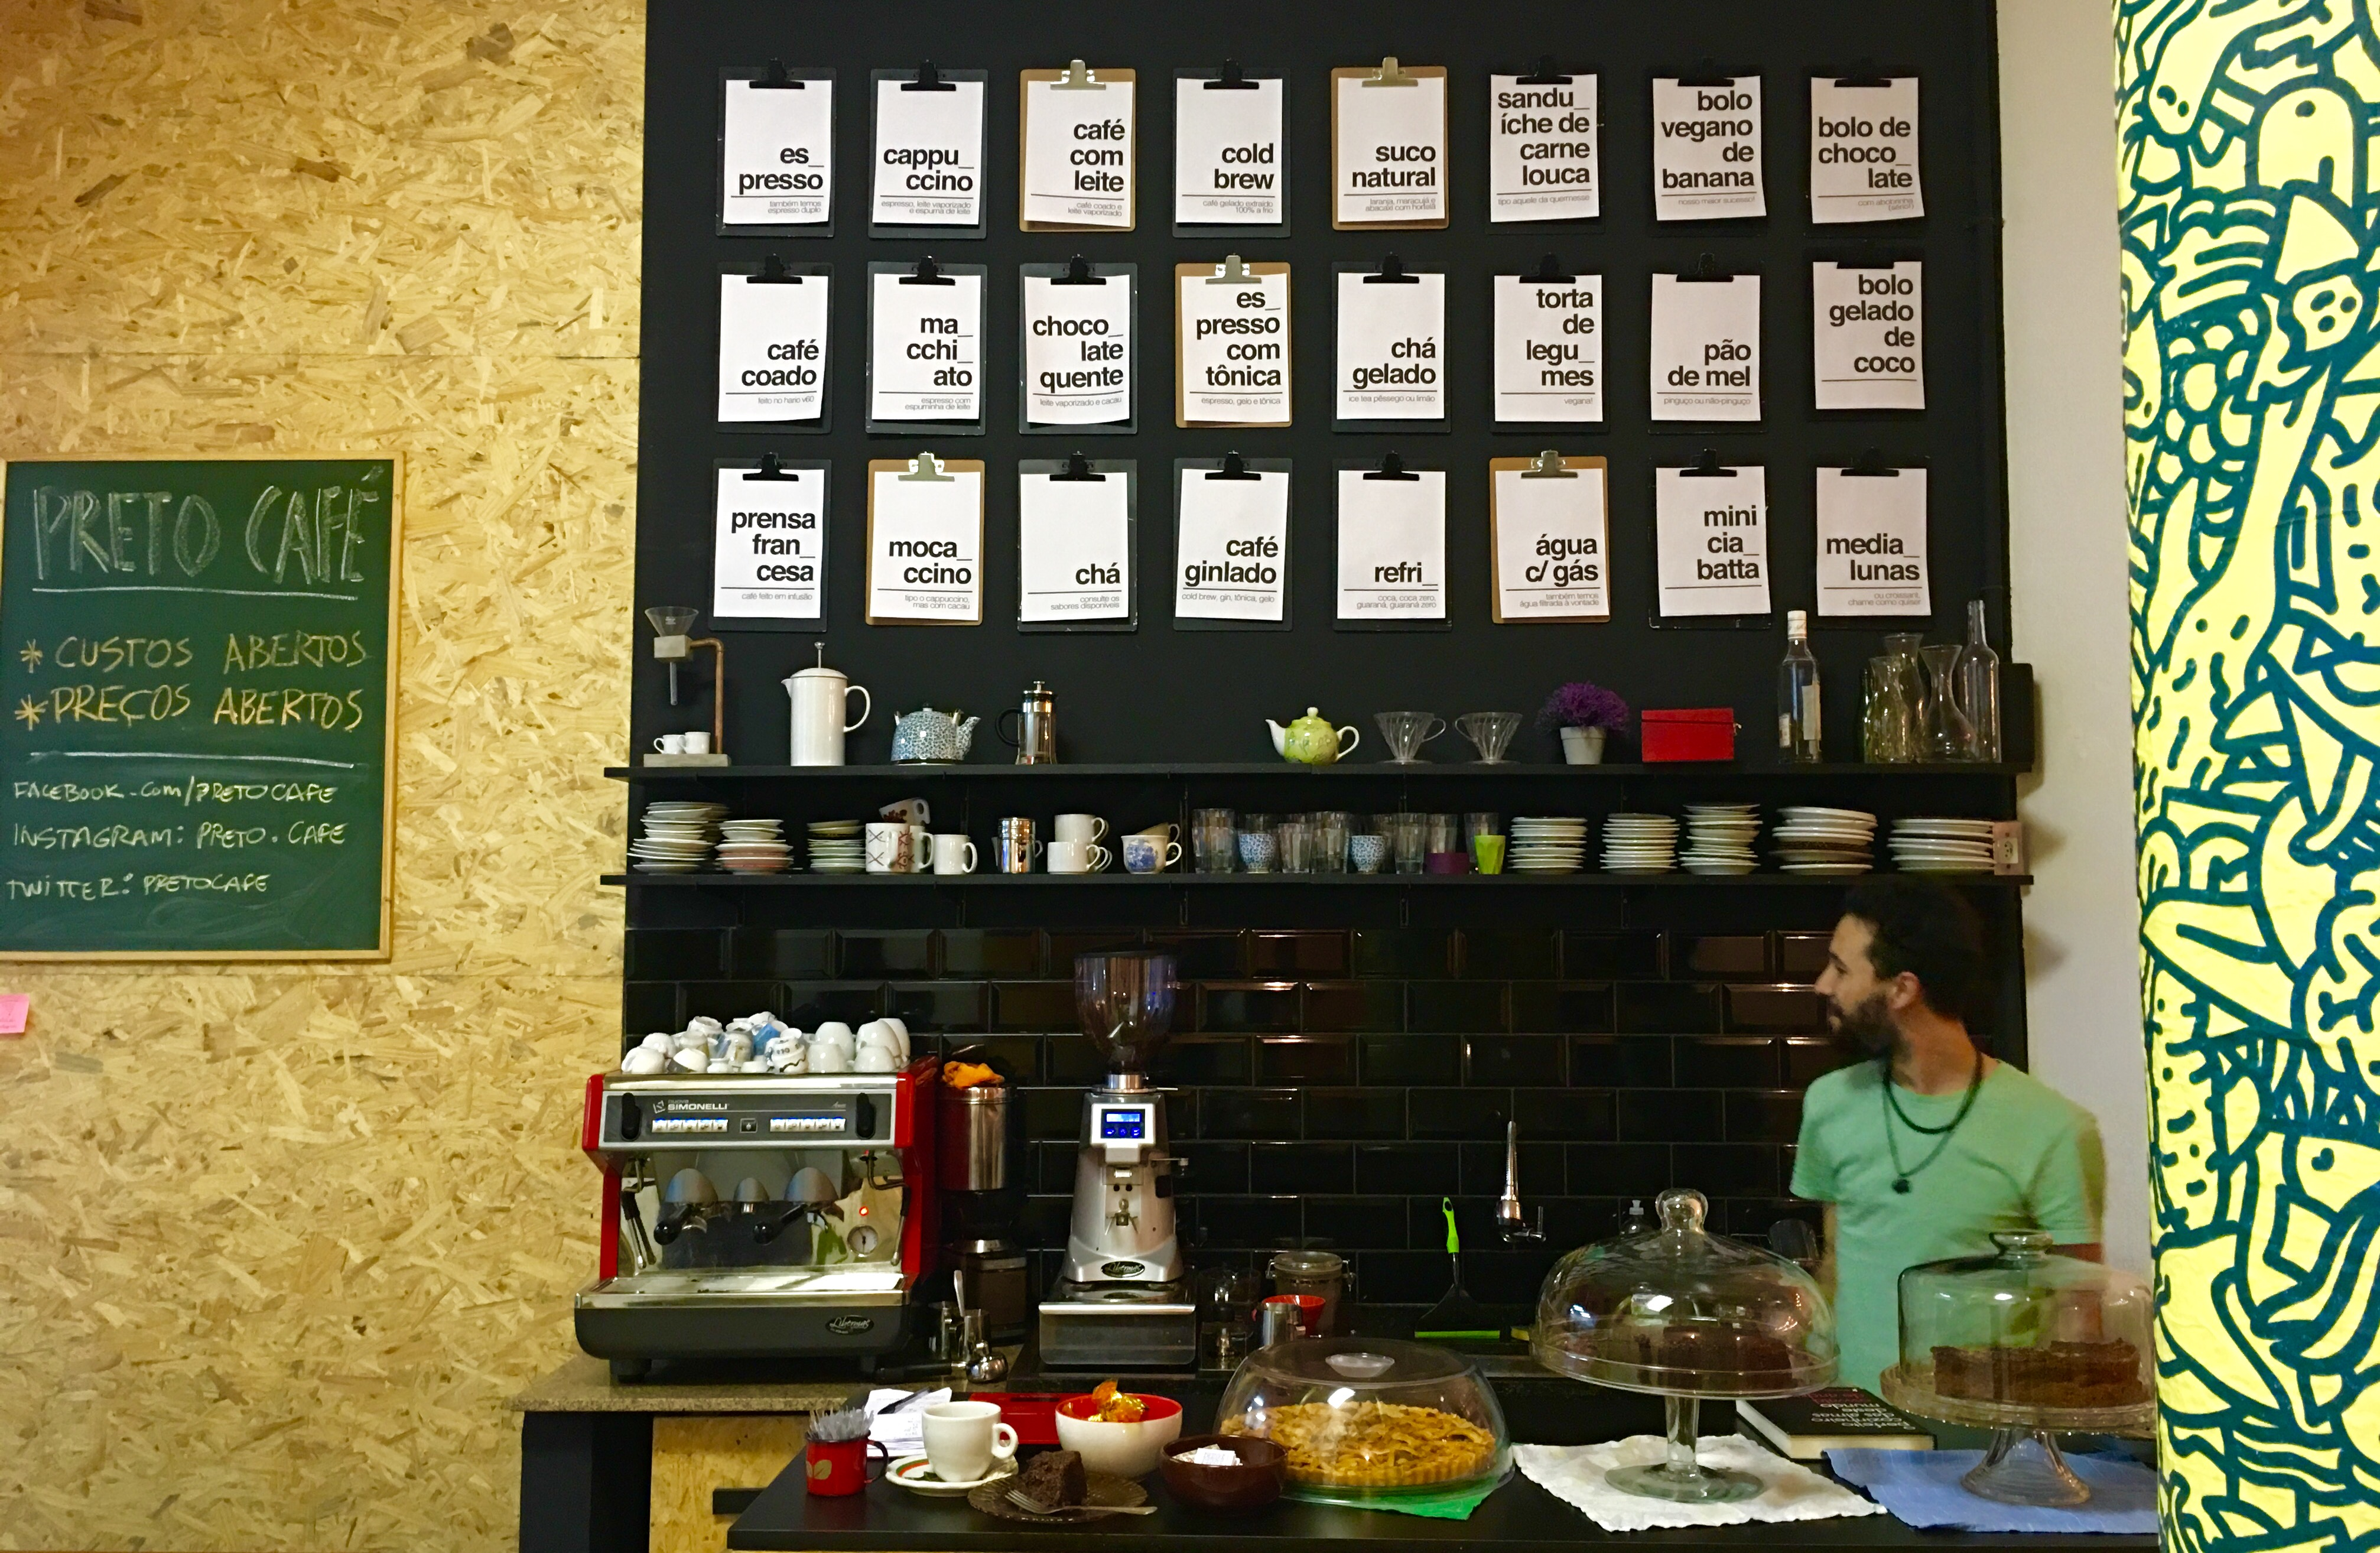 Preto Café